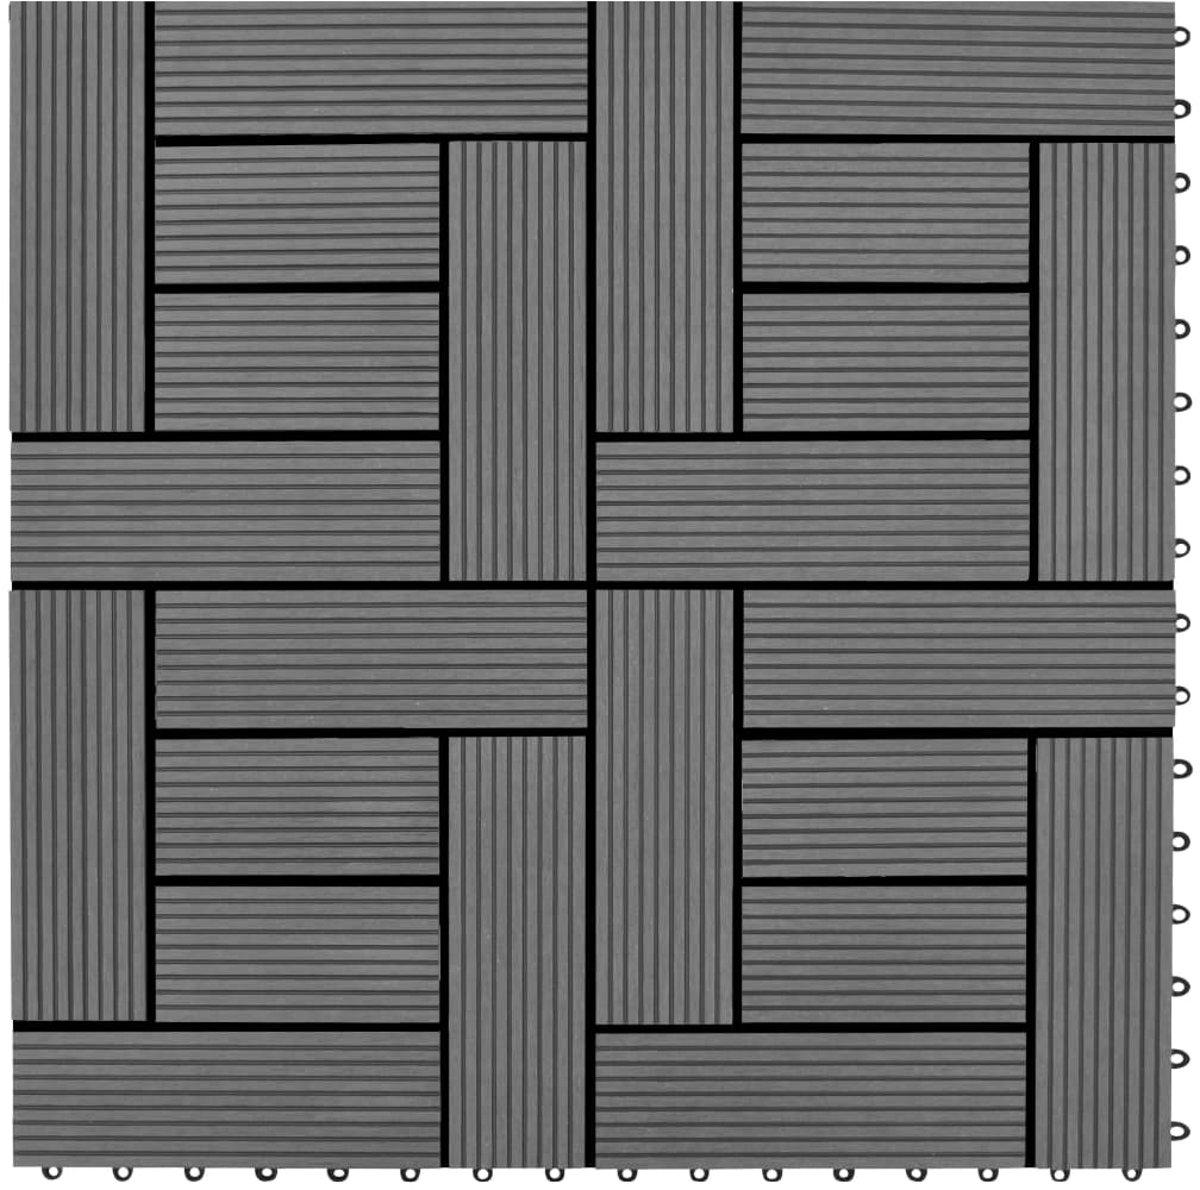 vidaXL Terrastegels 11 stuks 30 x 30 cm WPC 1 m2 (grijs) kopen